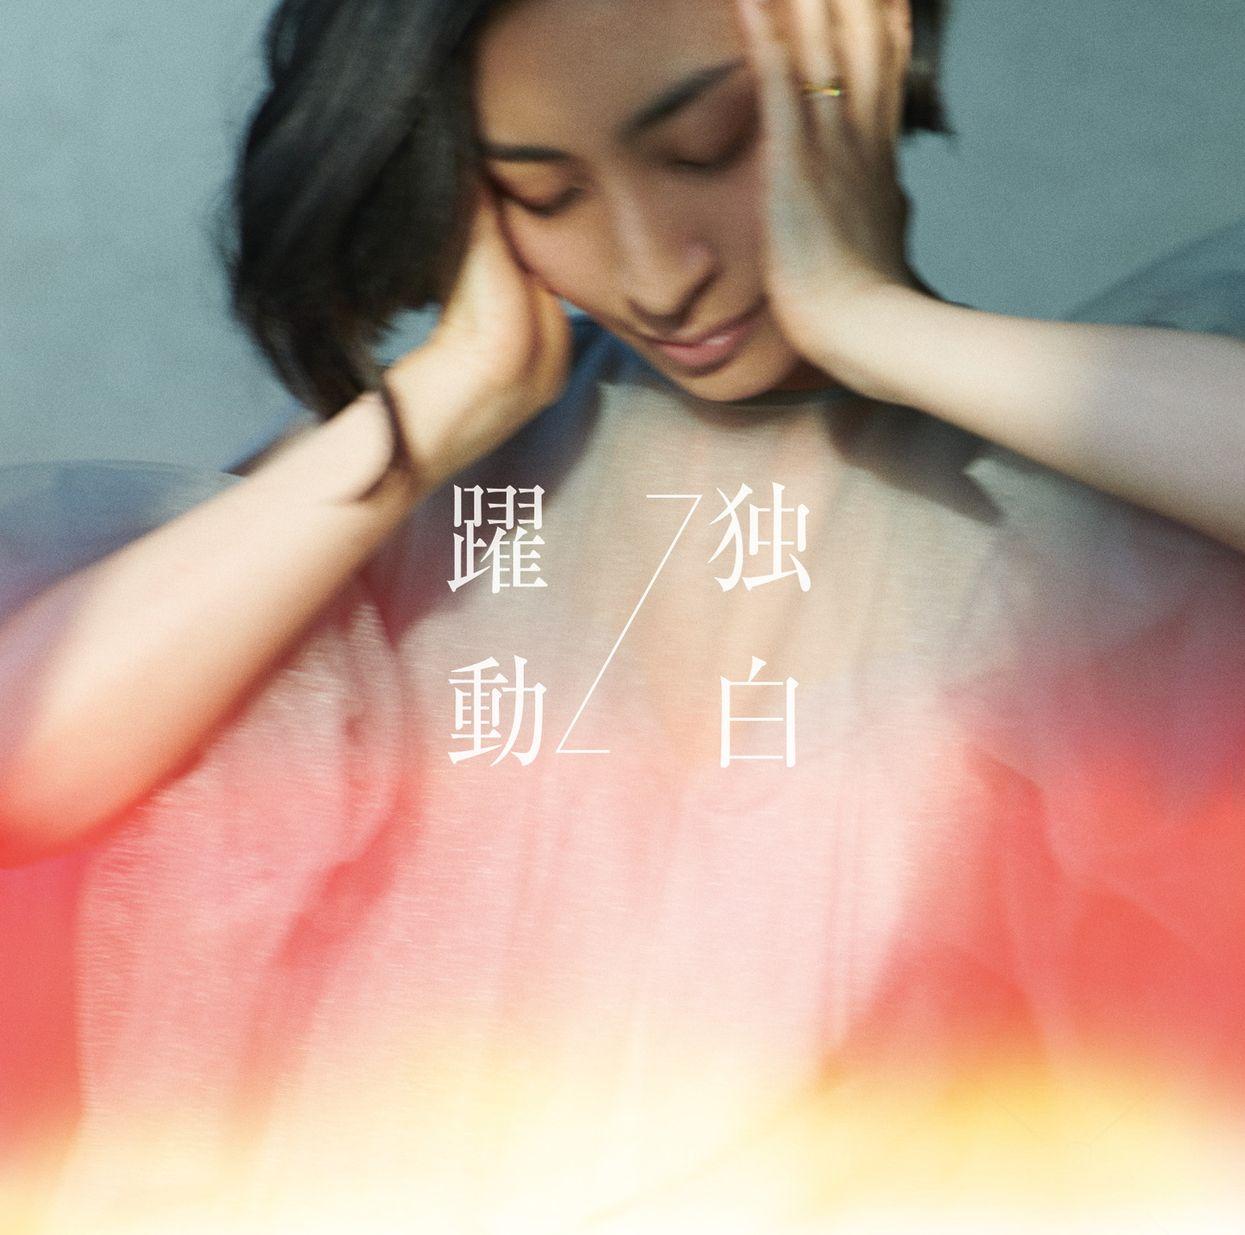 坂本真綾 - 独白↔躍動 [2020.12.08+MP3+RAR]